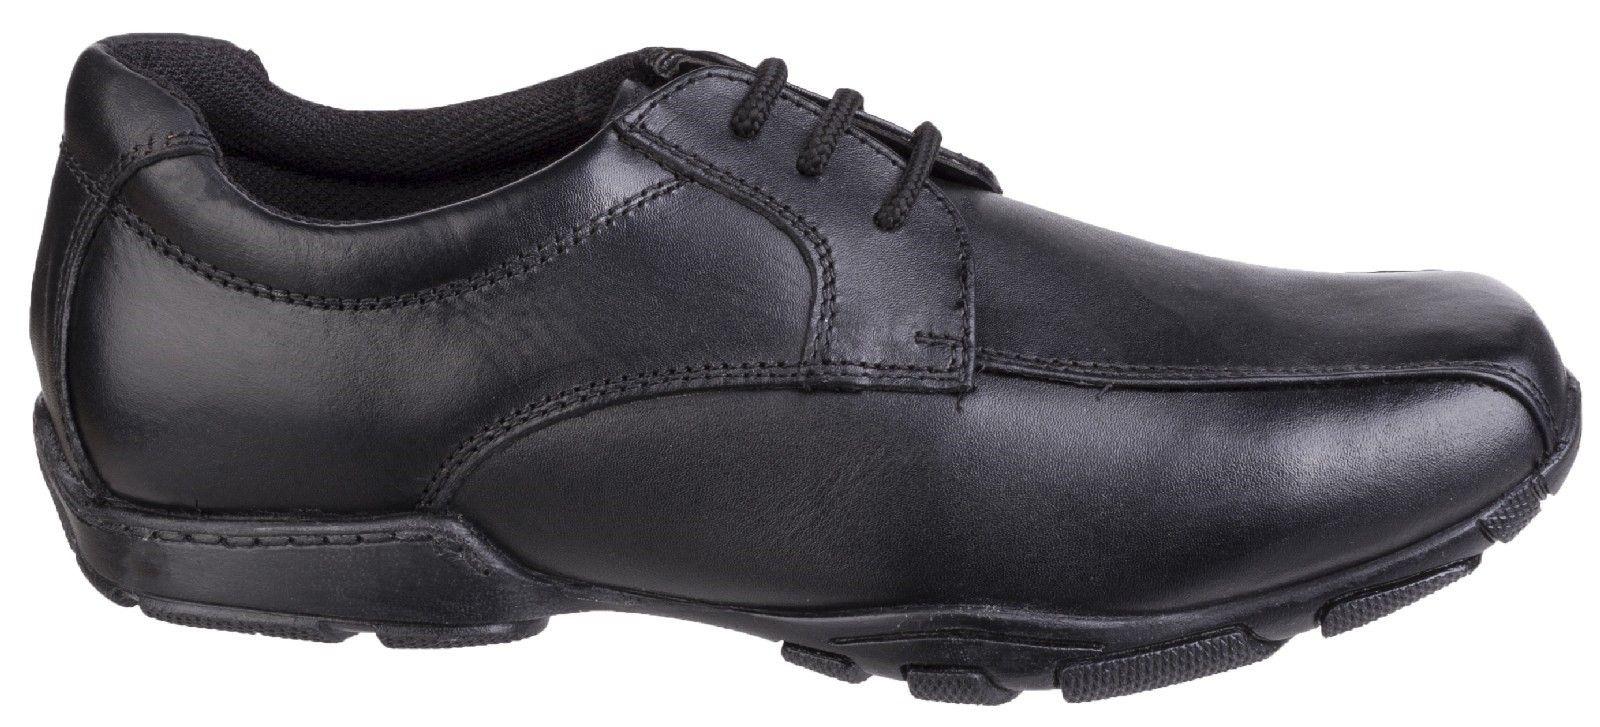 Vincente Senior School Shoe